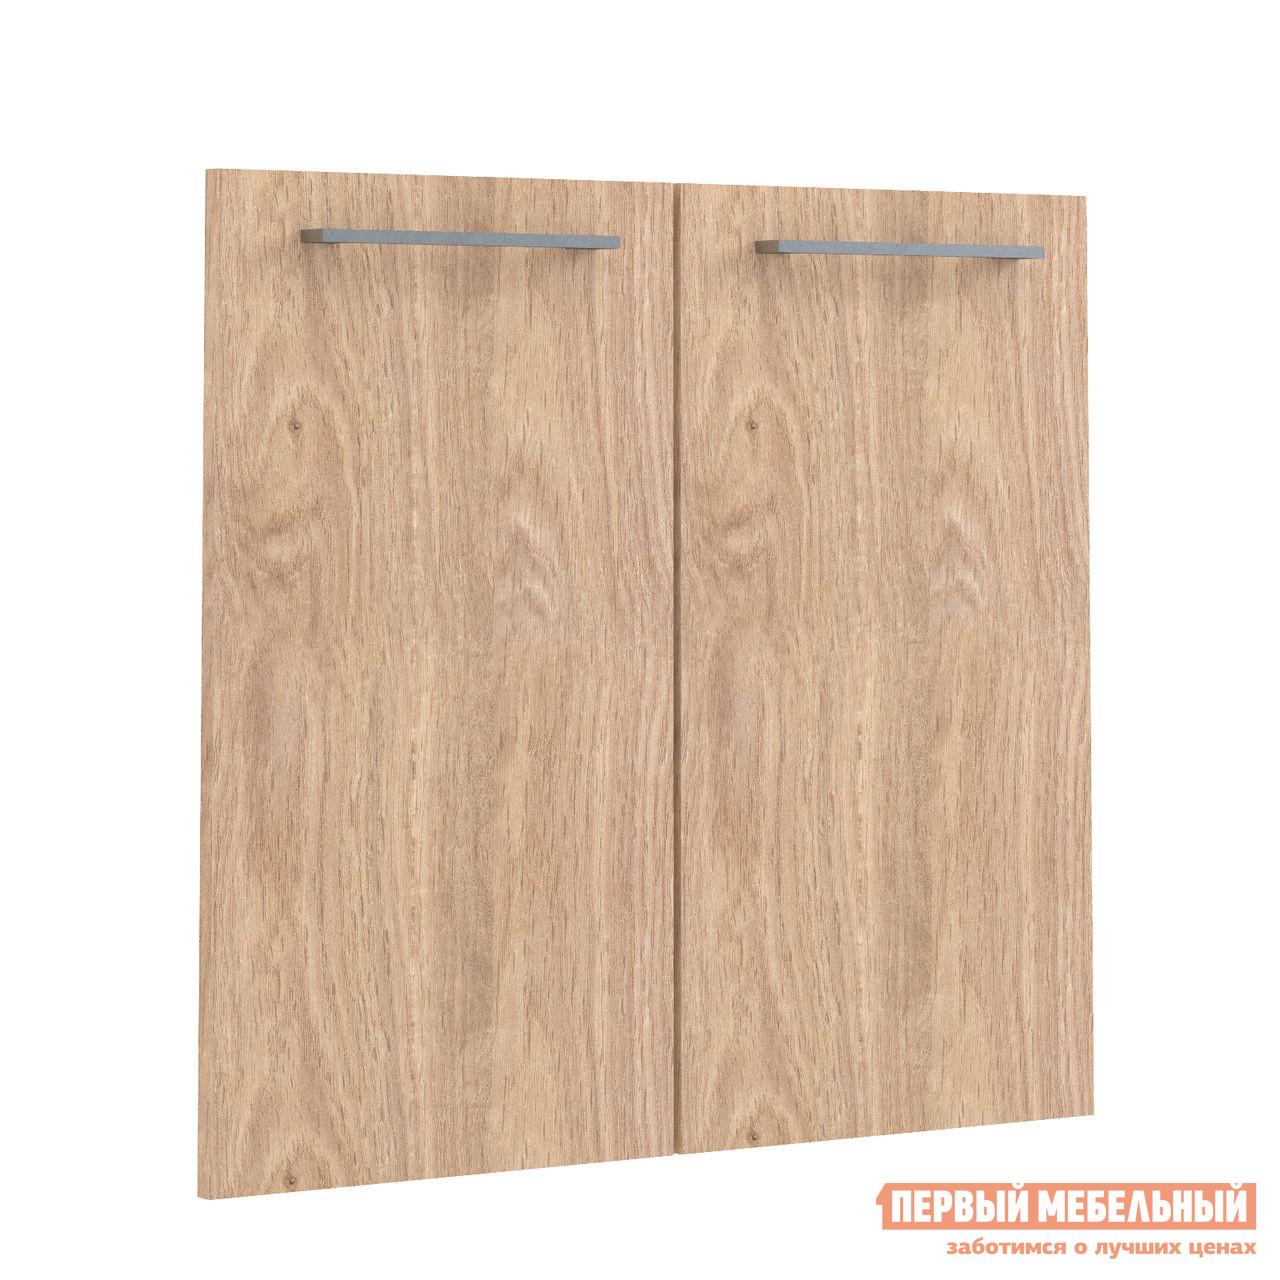 Комплект дверей Тайпит ALD 42-2 комплект дверей тайпит amd 42 2